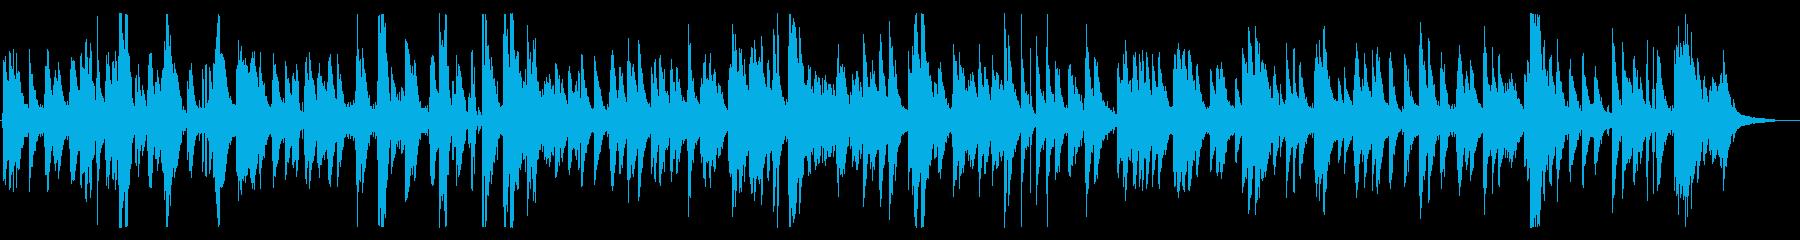 秋お洒落モダンジャズピアノバラード都会的の再生済みの波形